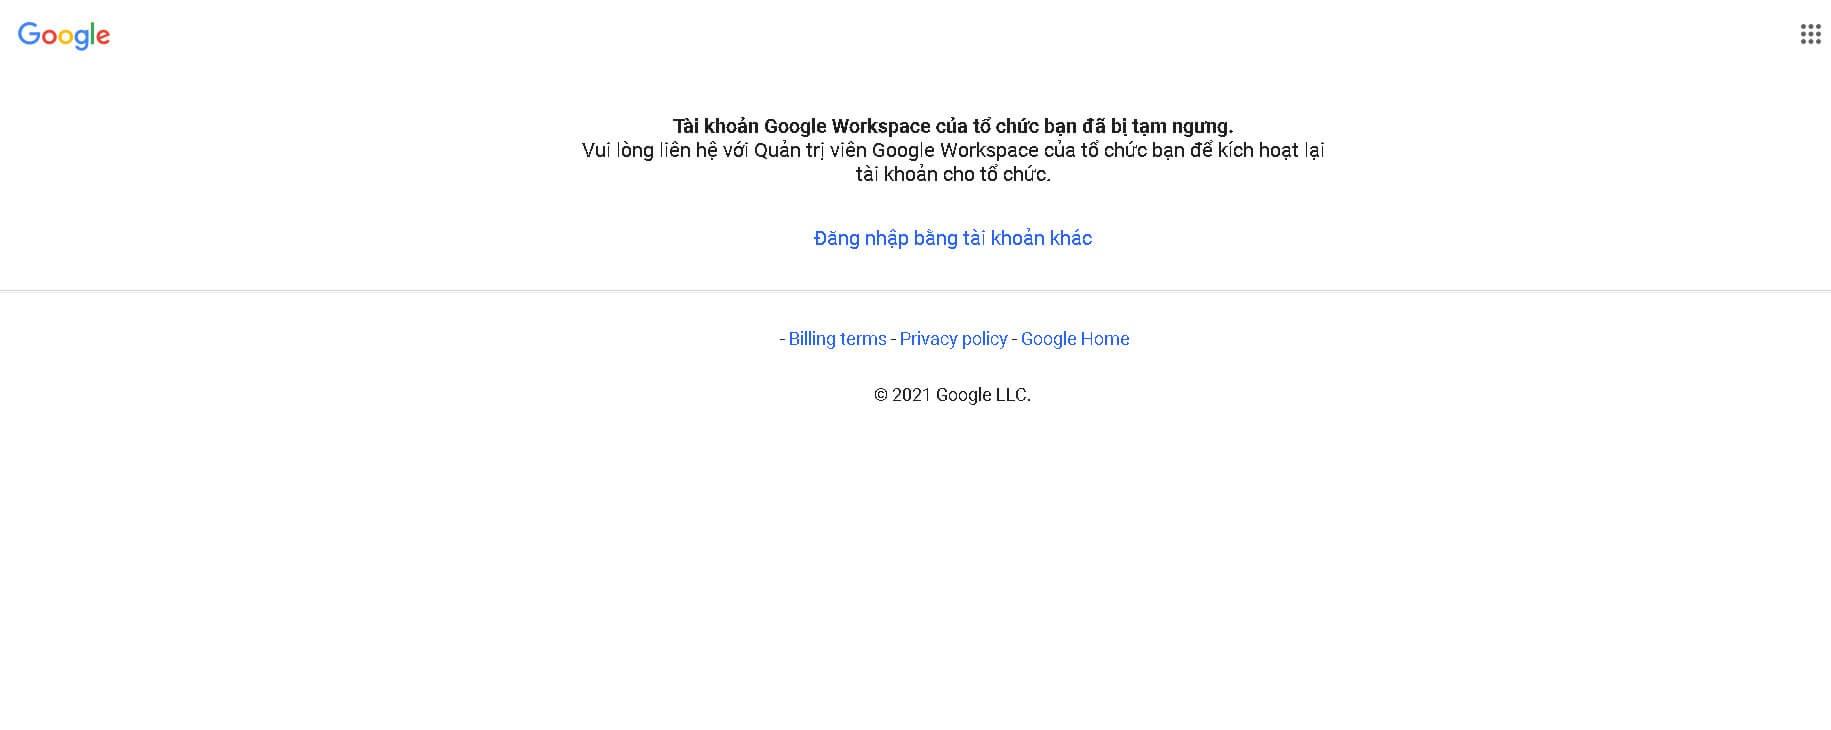 Cách xử lý khi Tài khoản G Suite (Google Workspace) bị khóa